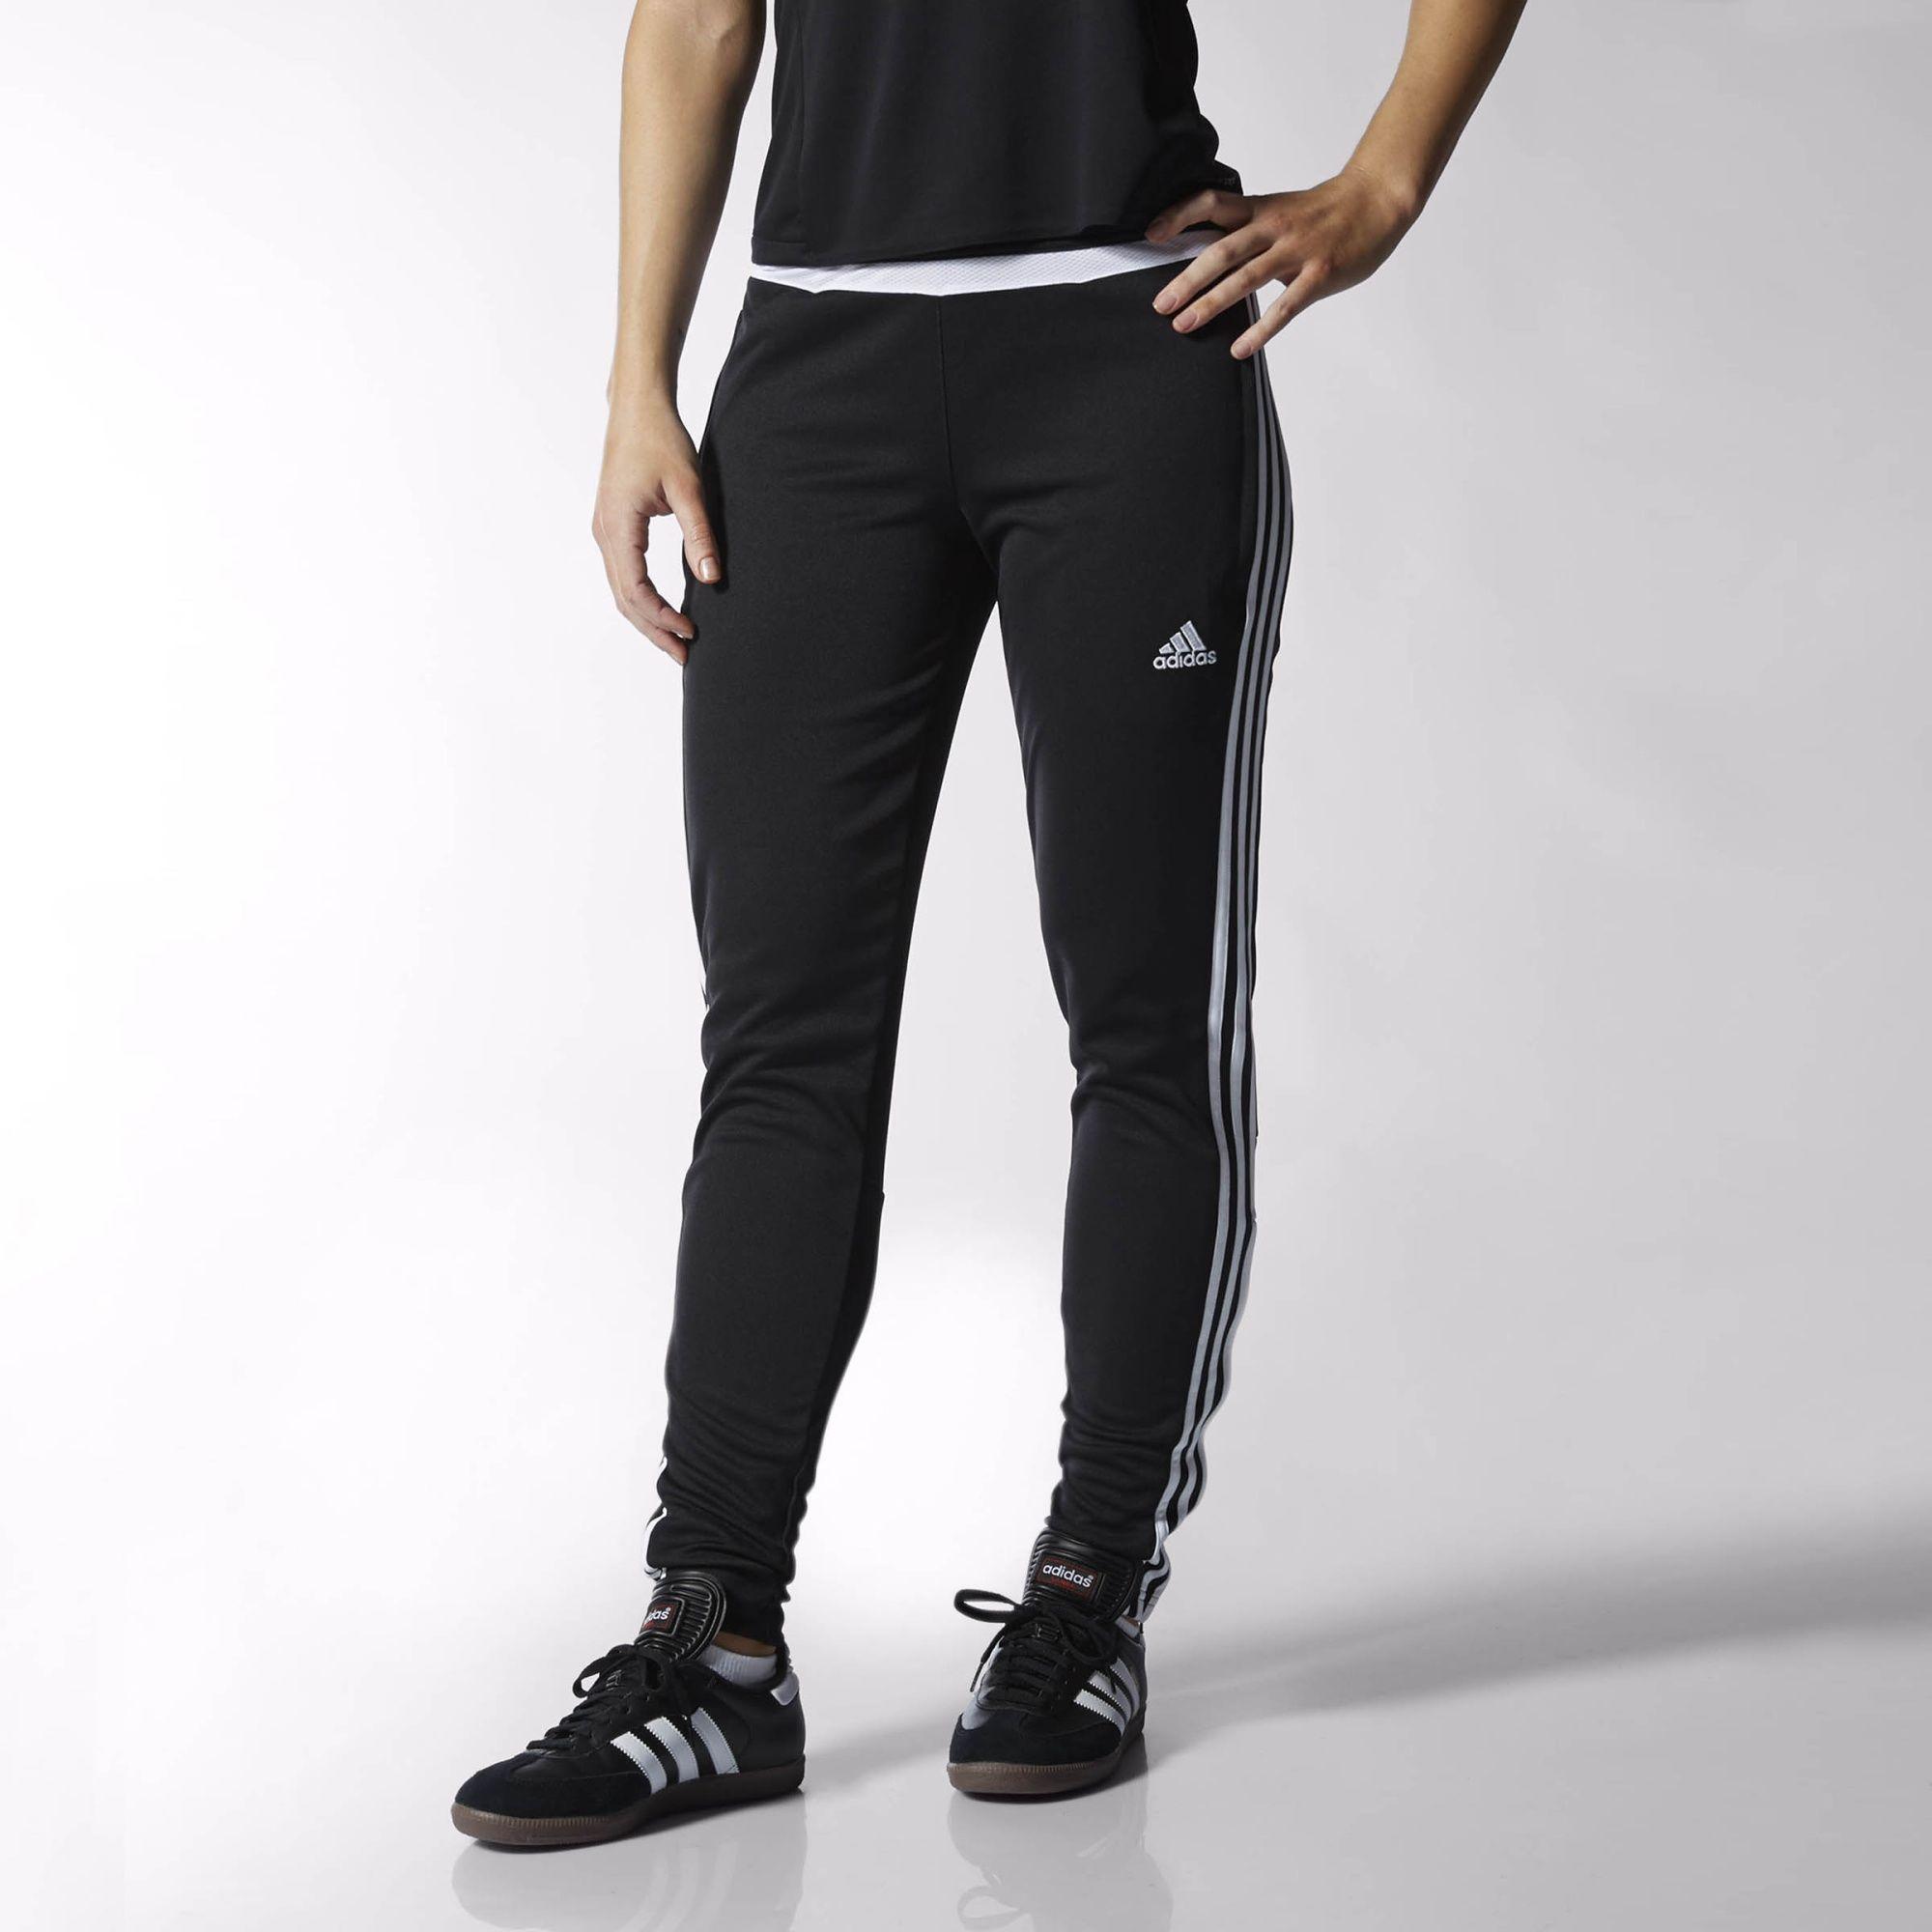 Adidas tiro 15 pantaloni fashionista pinterest formazione formazione